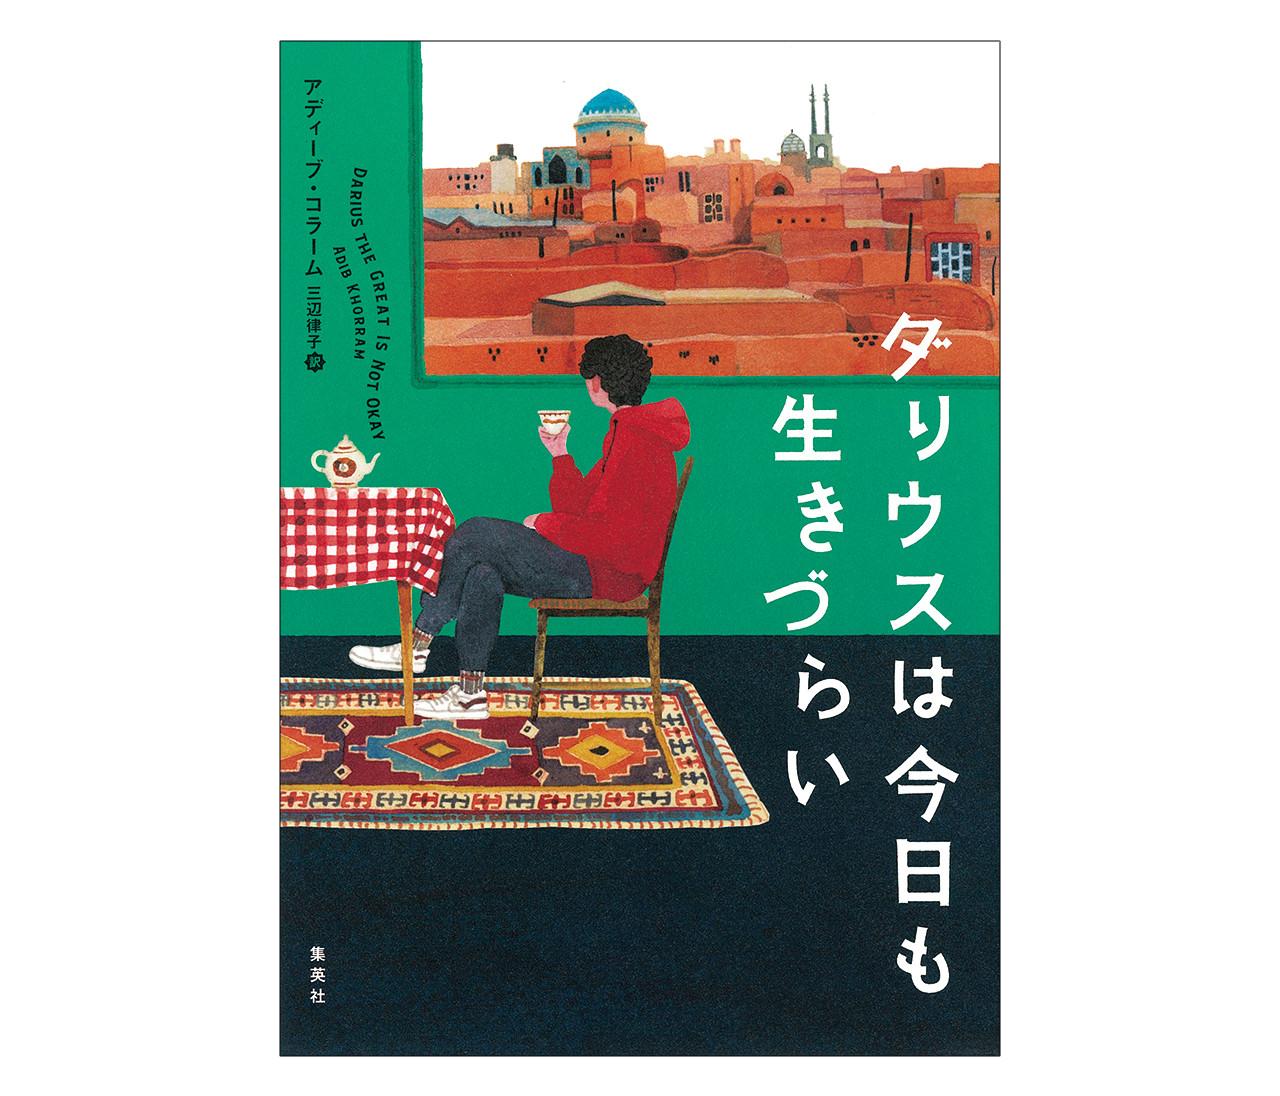 「ダリウスは今日も生きづらい」香り高いお茶のように、ほっとできる一冊。【30代におすすめの本】